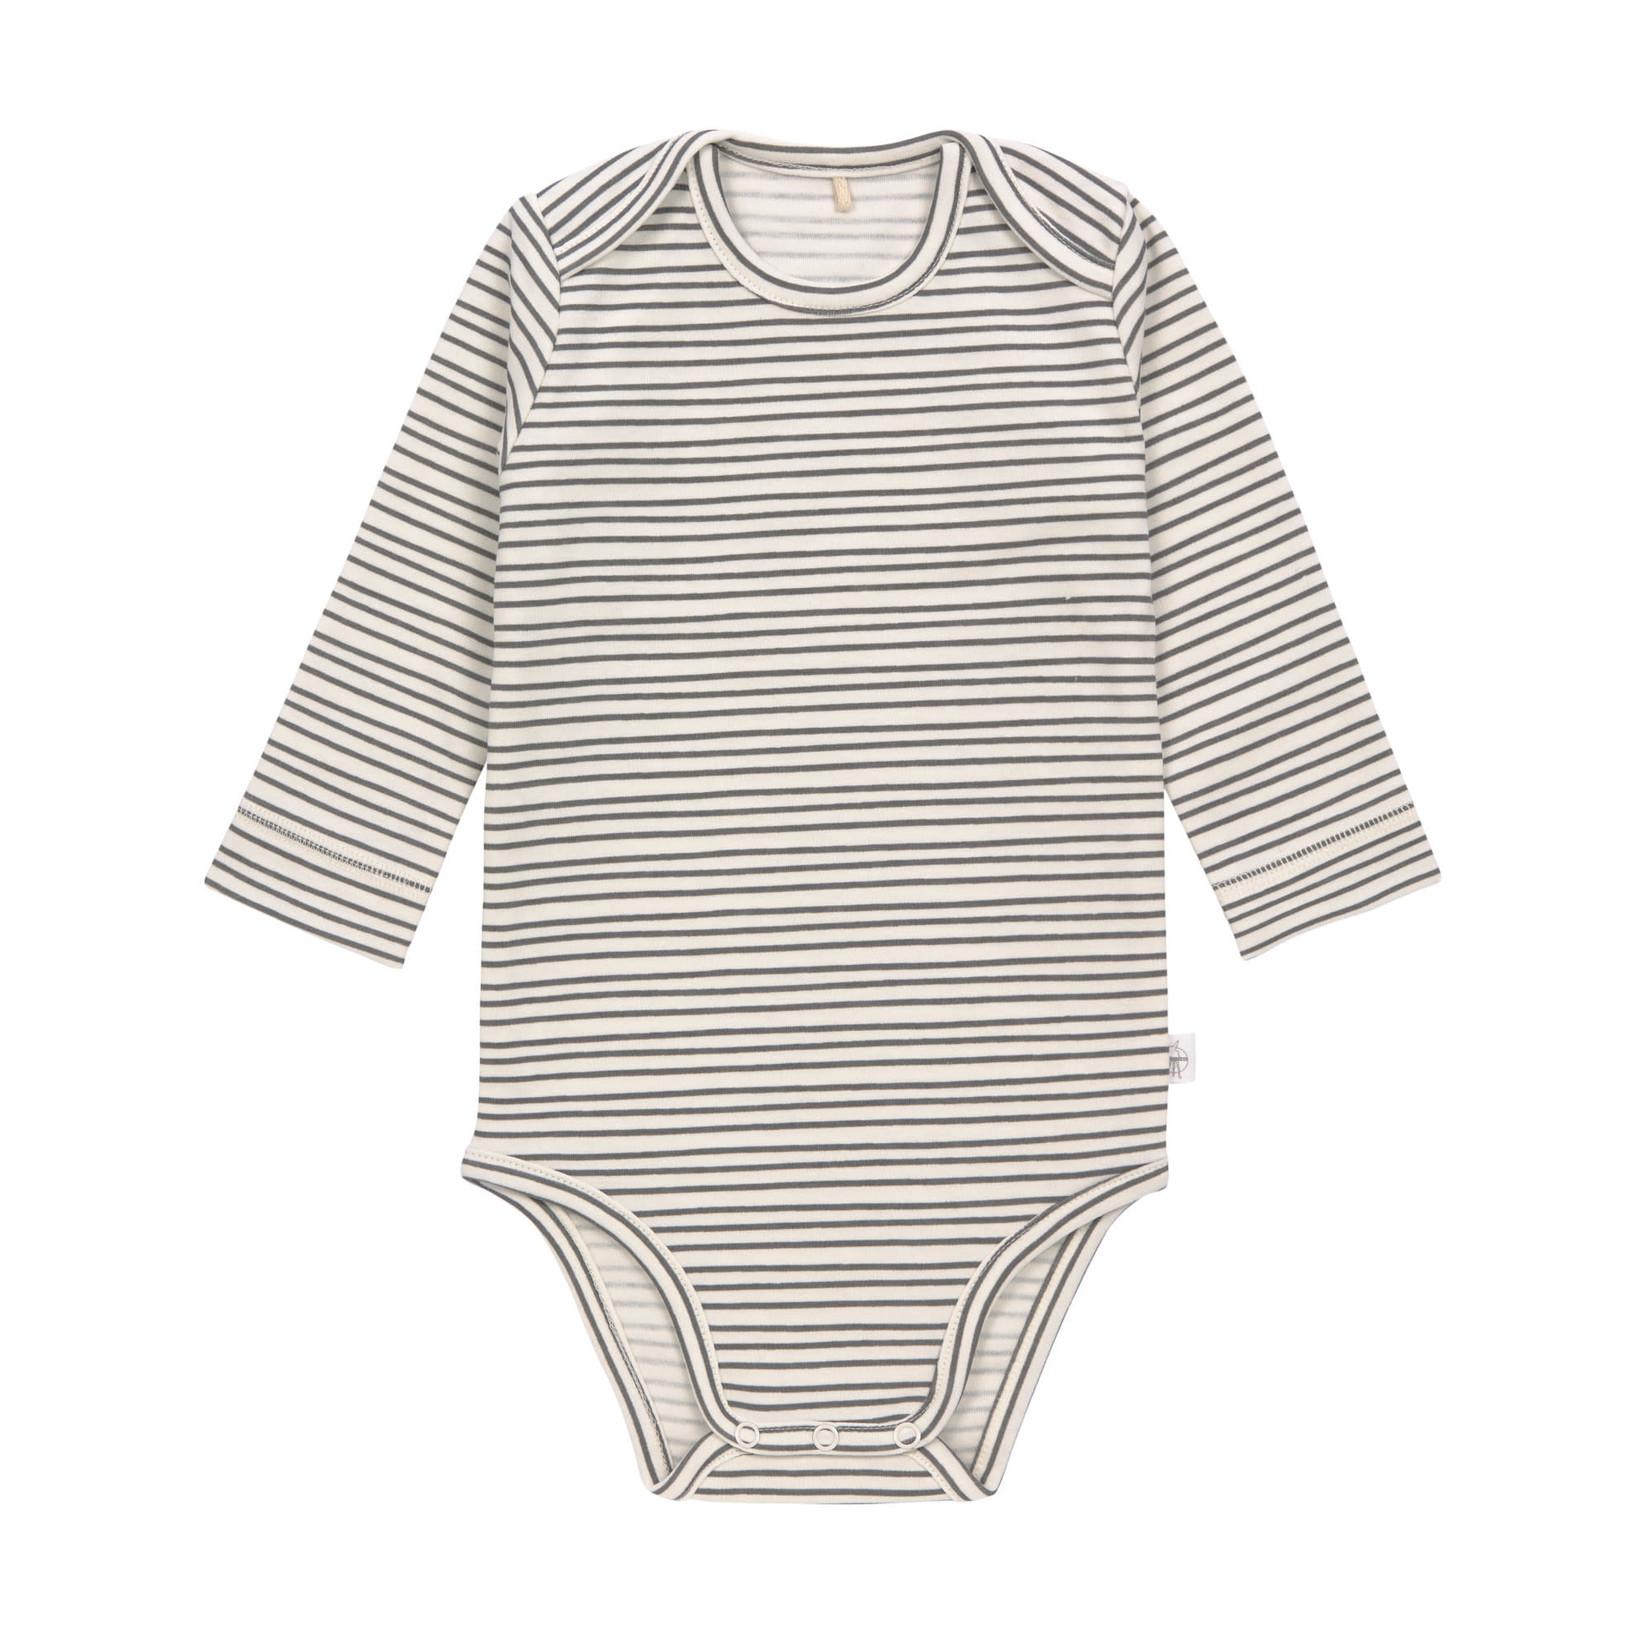 Lässig Body lange mouwen (Striped Grey/Anthracite)